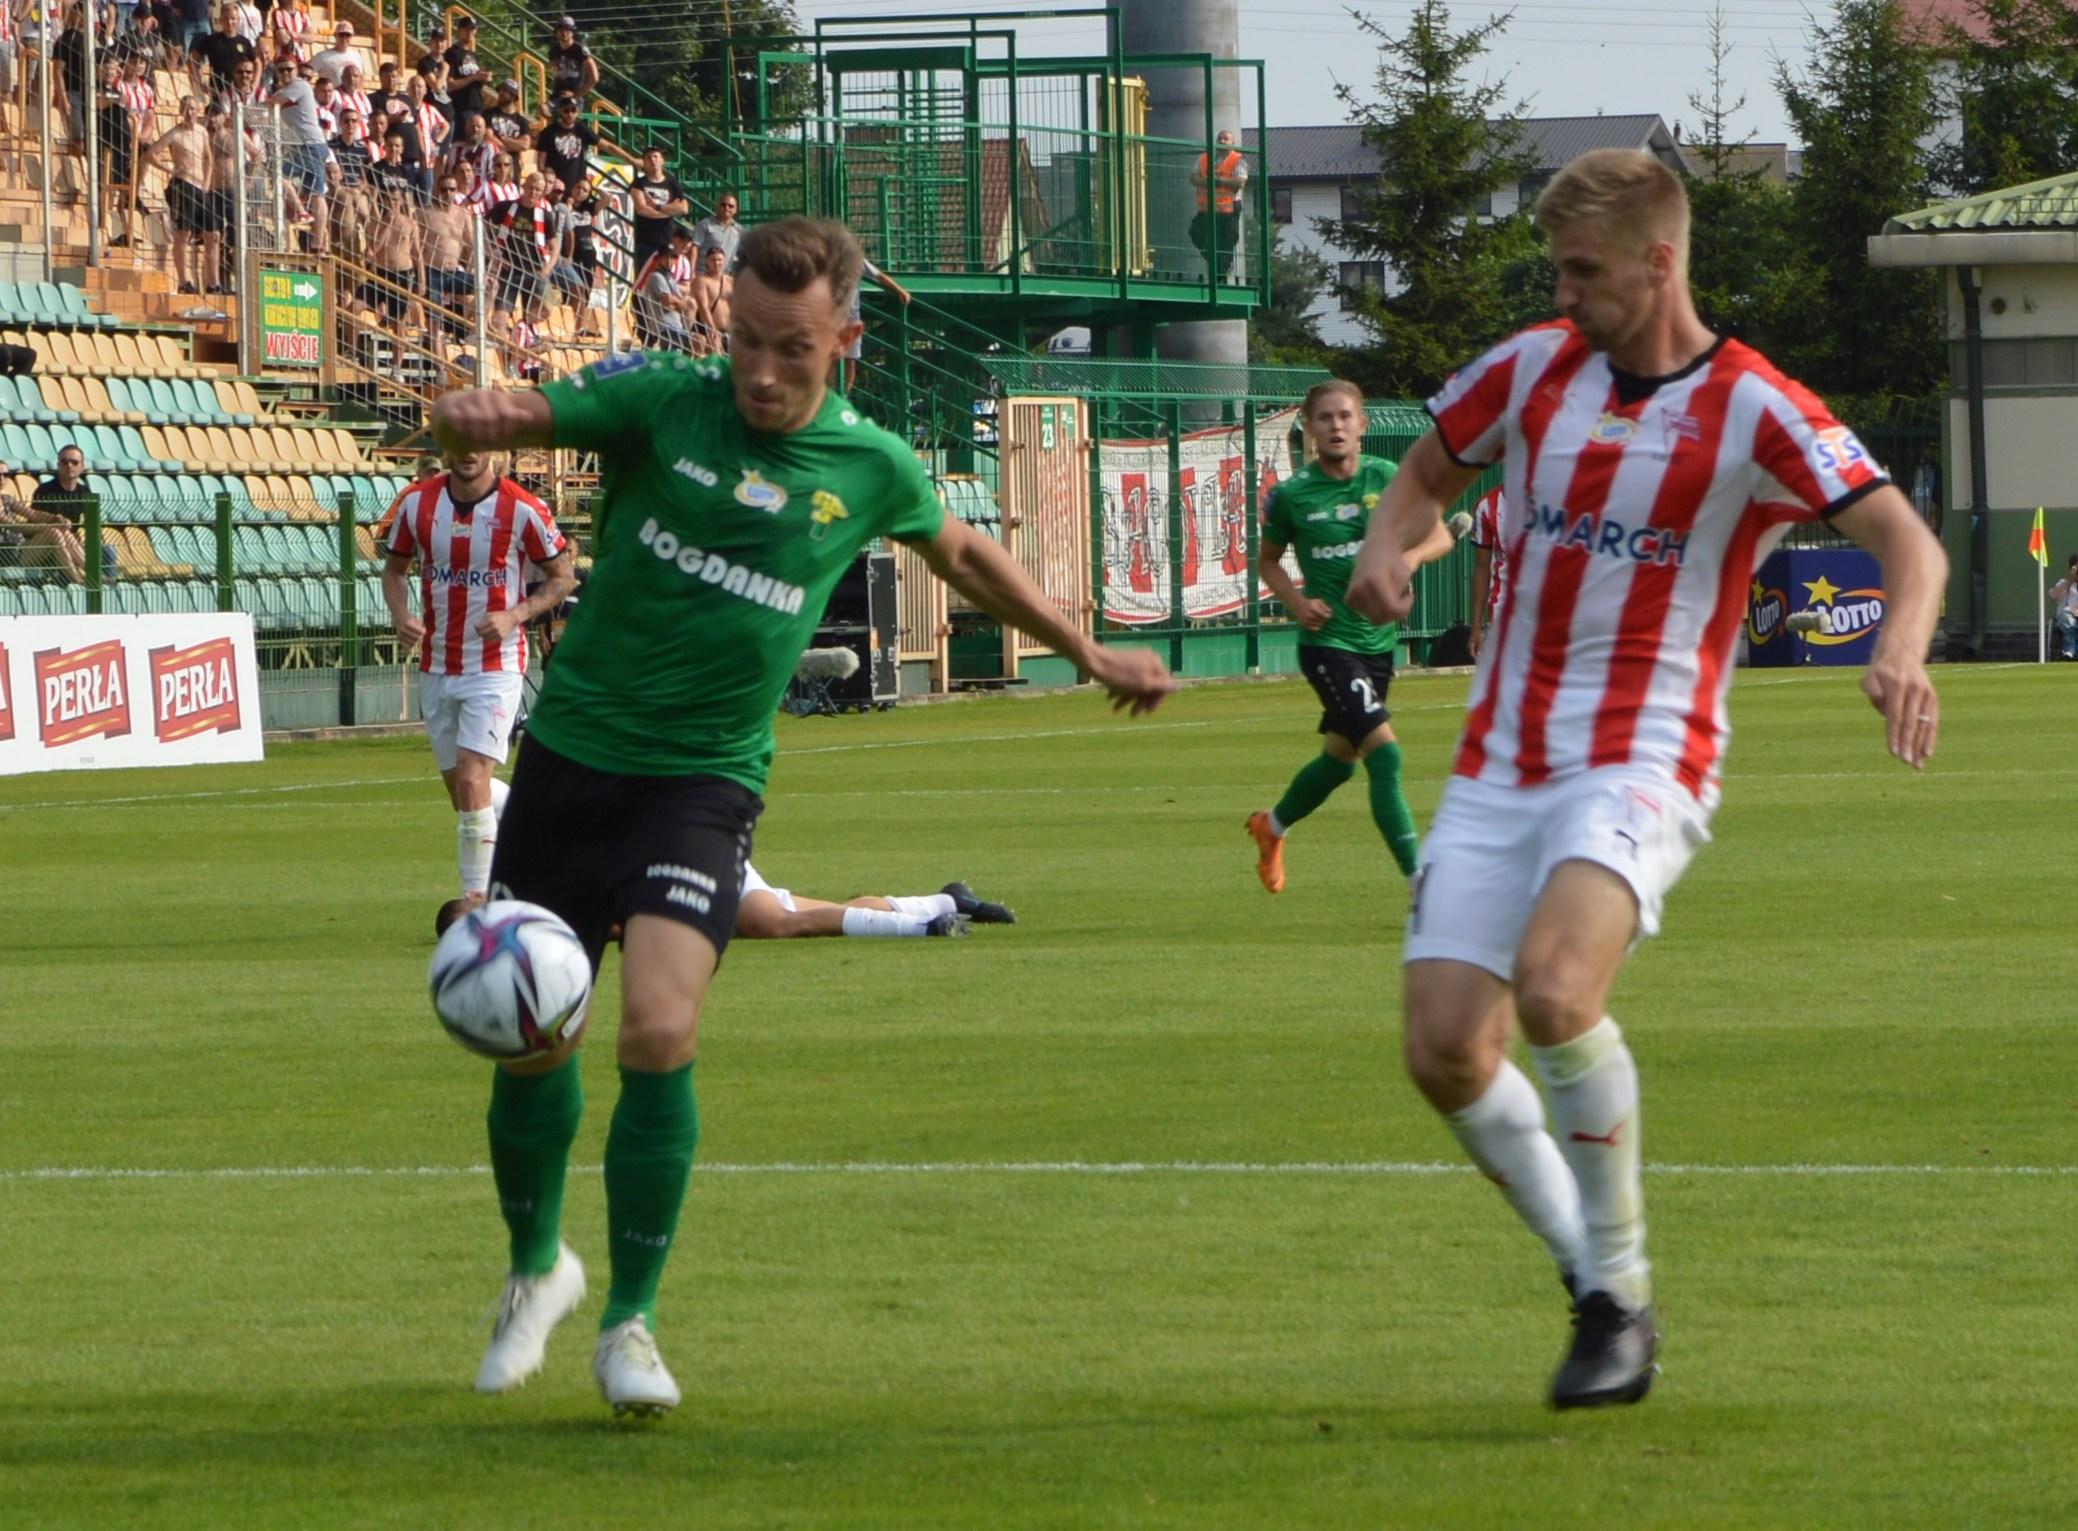 Górnik Łęczna - Lechia Gdańsk. Zielono-czarni rozbici na swoim stadionie - Zdjęcie główne